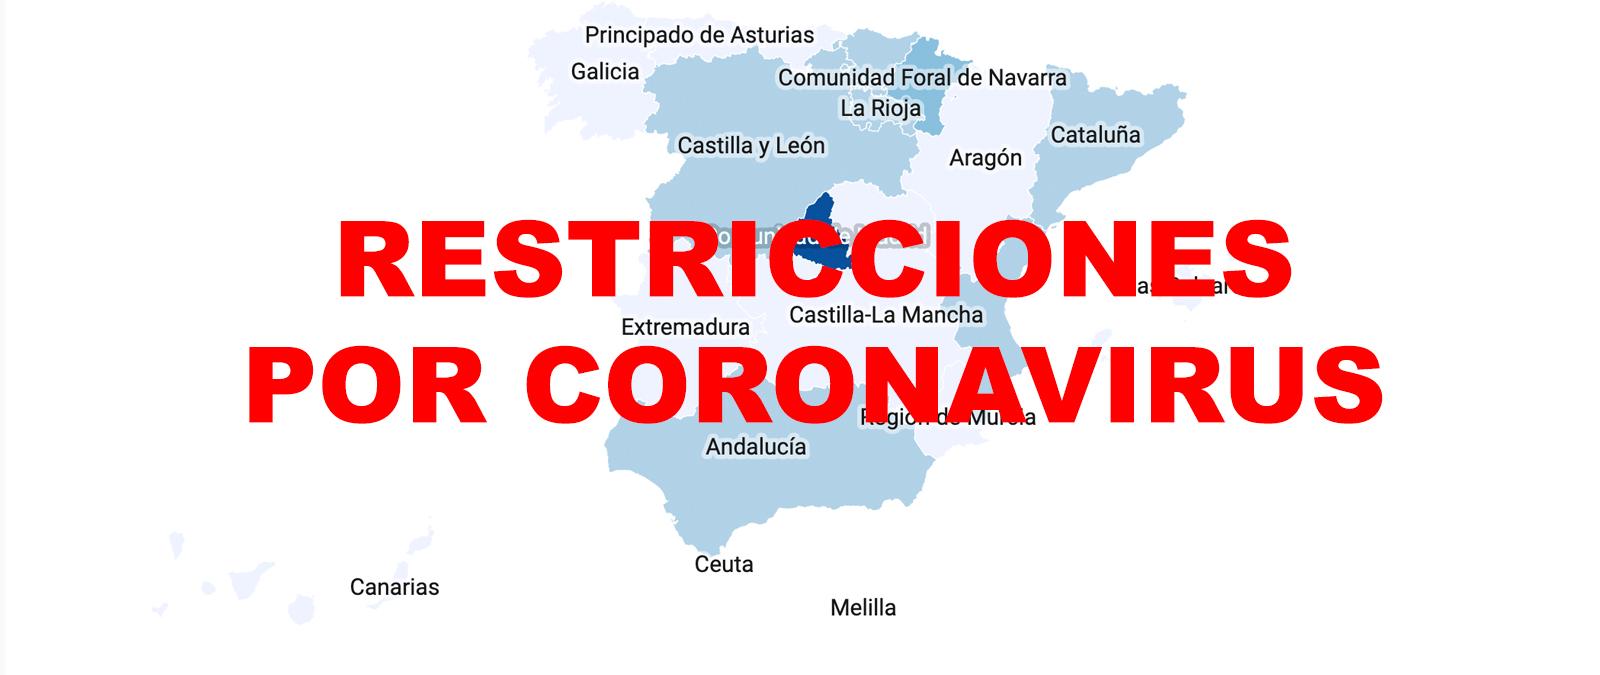 Las 56 restricciones y recomendaciones de la Junta para evitar el avance del coronavirus en Andalucía